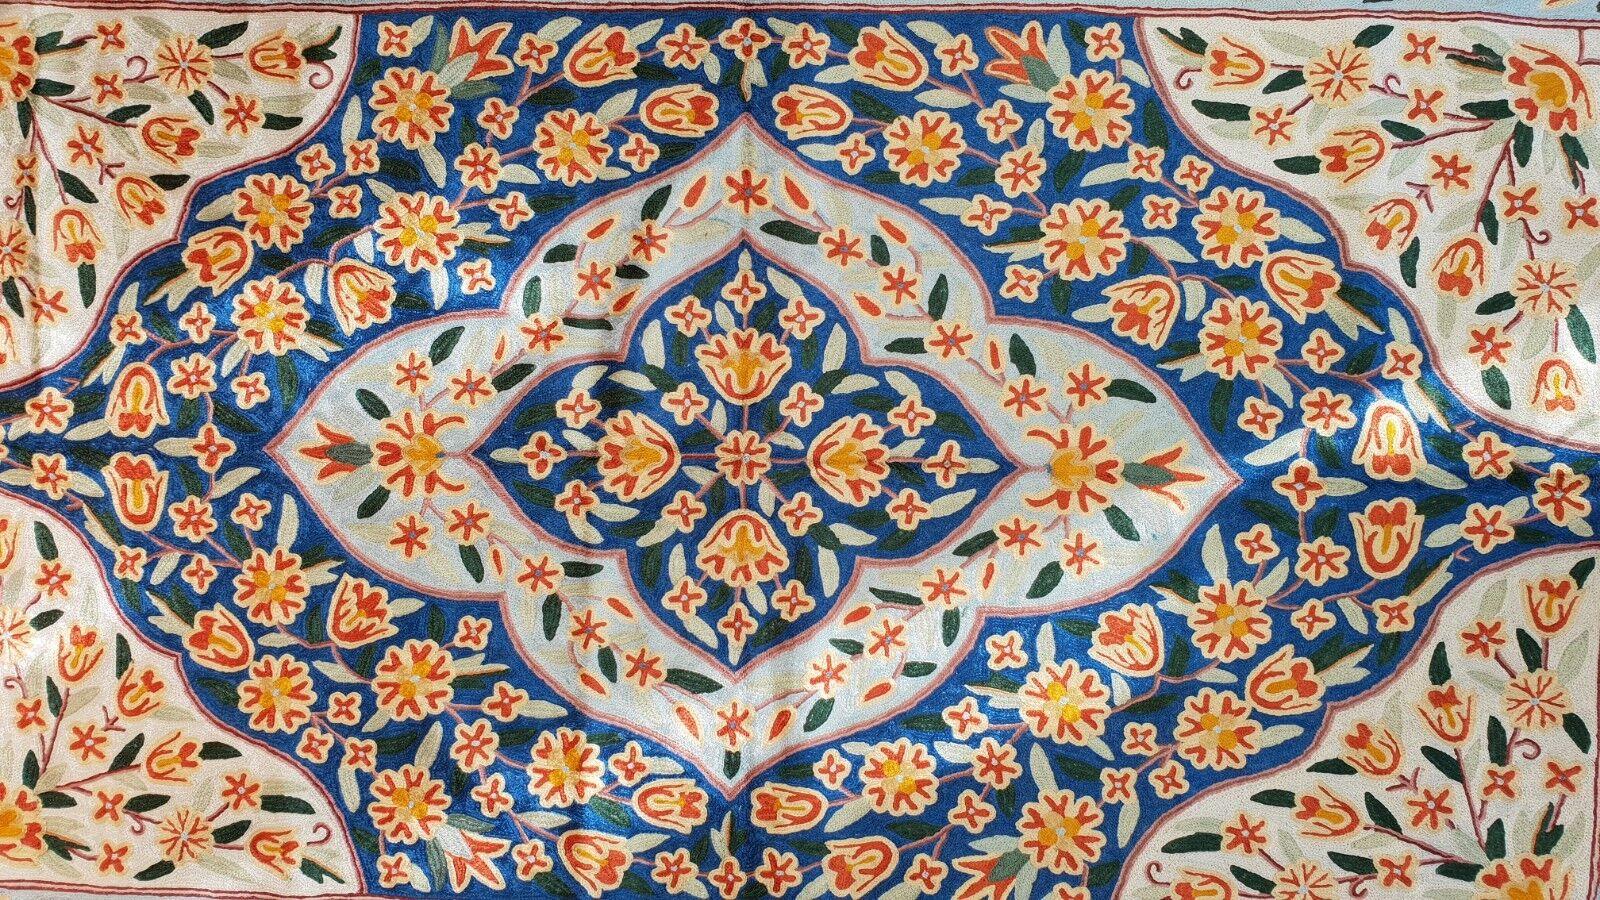 Tappeto di Seta dal Kashmir FIORE ASTRATTO Blu Rosso Design 3' x 5'